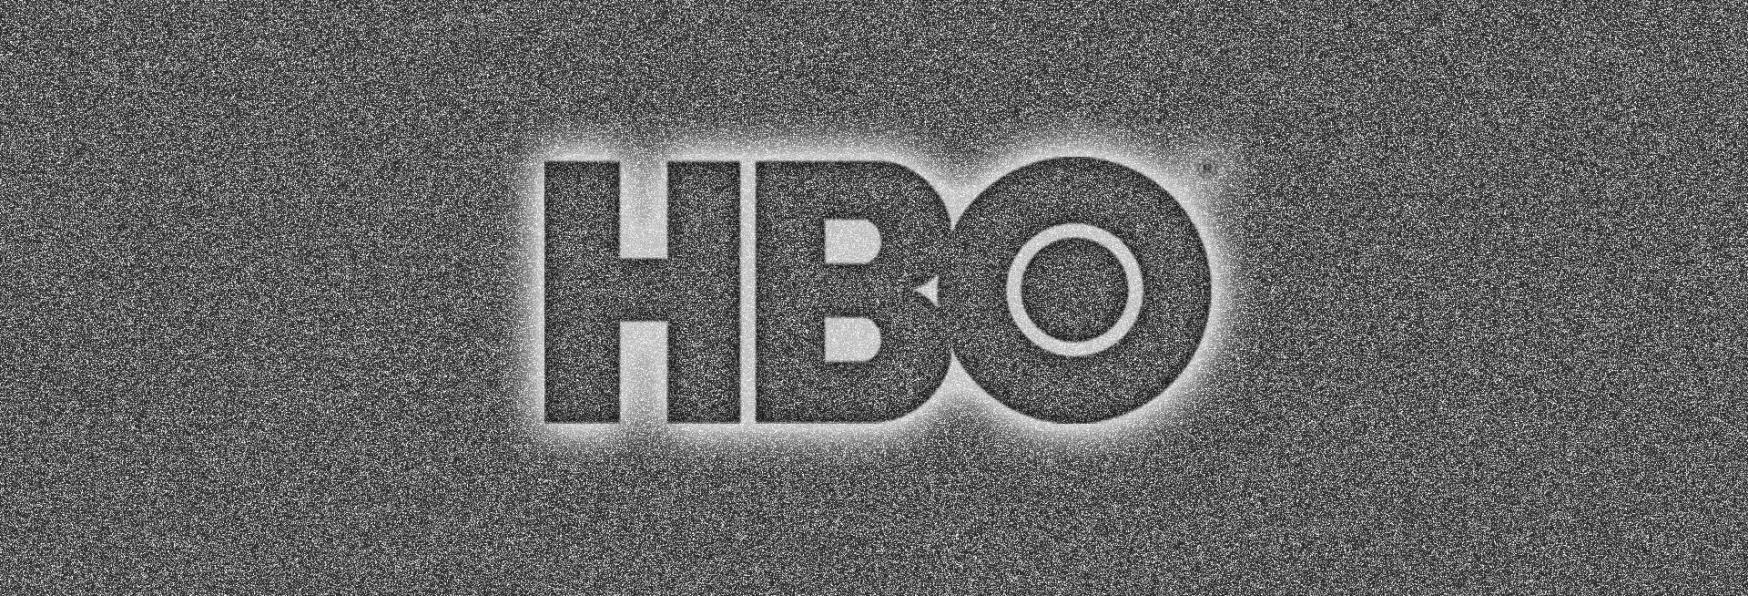 HBO (rete USA) Pagherà i Dipendenti nonostante lo Stop dei Lavori per il Coronavirus